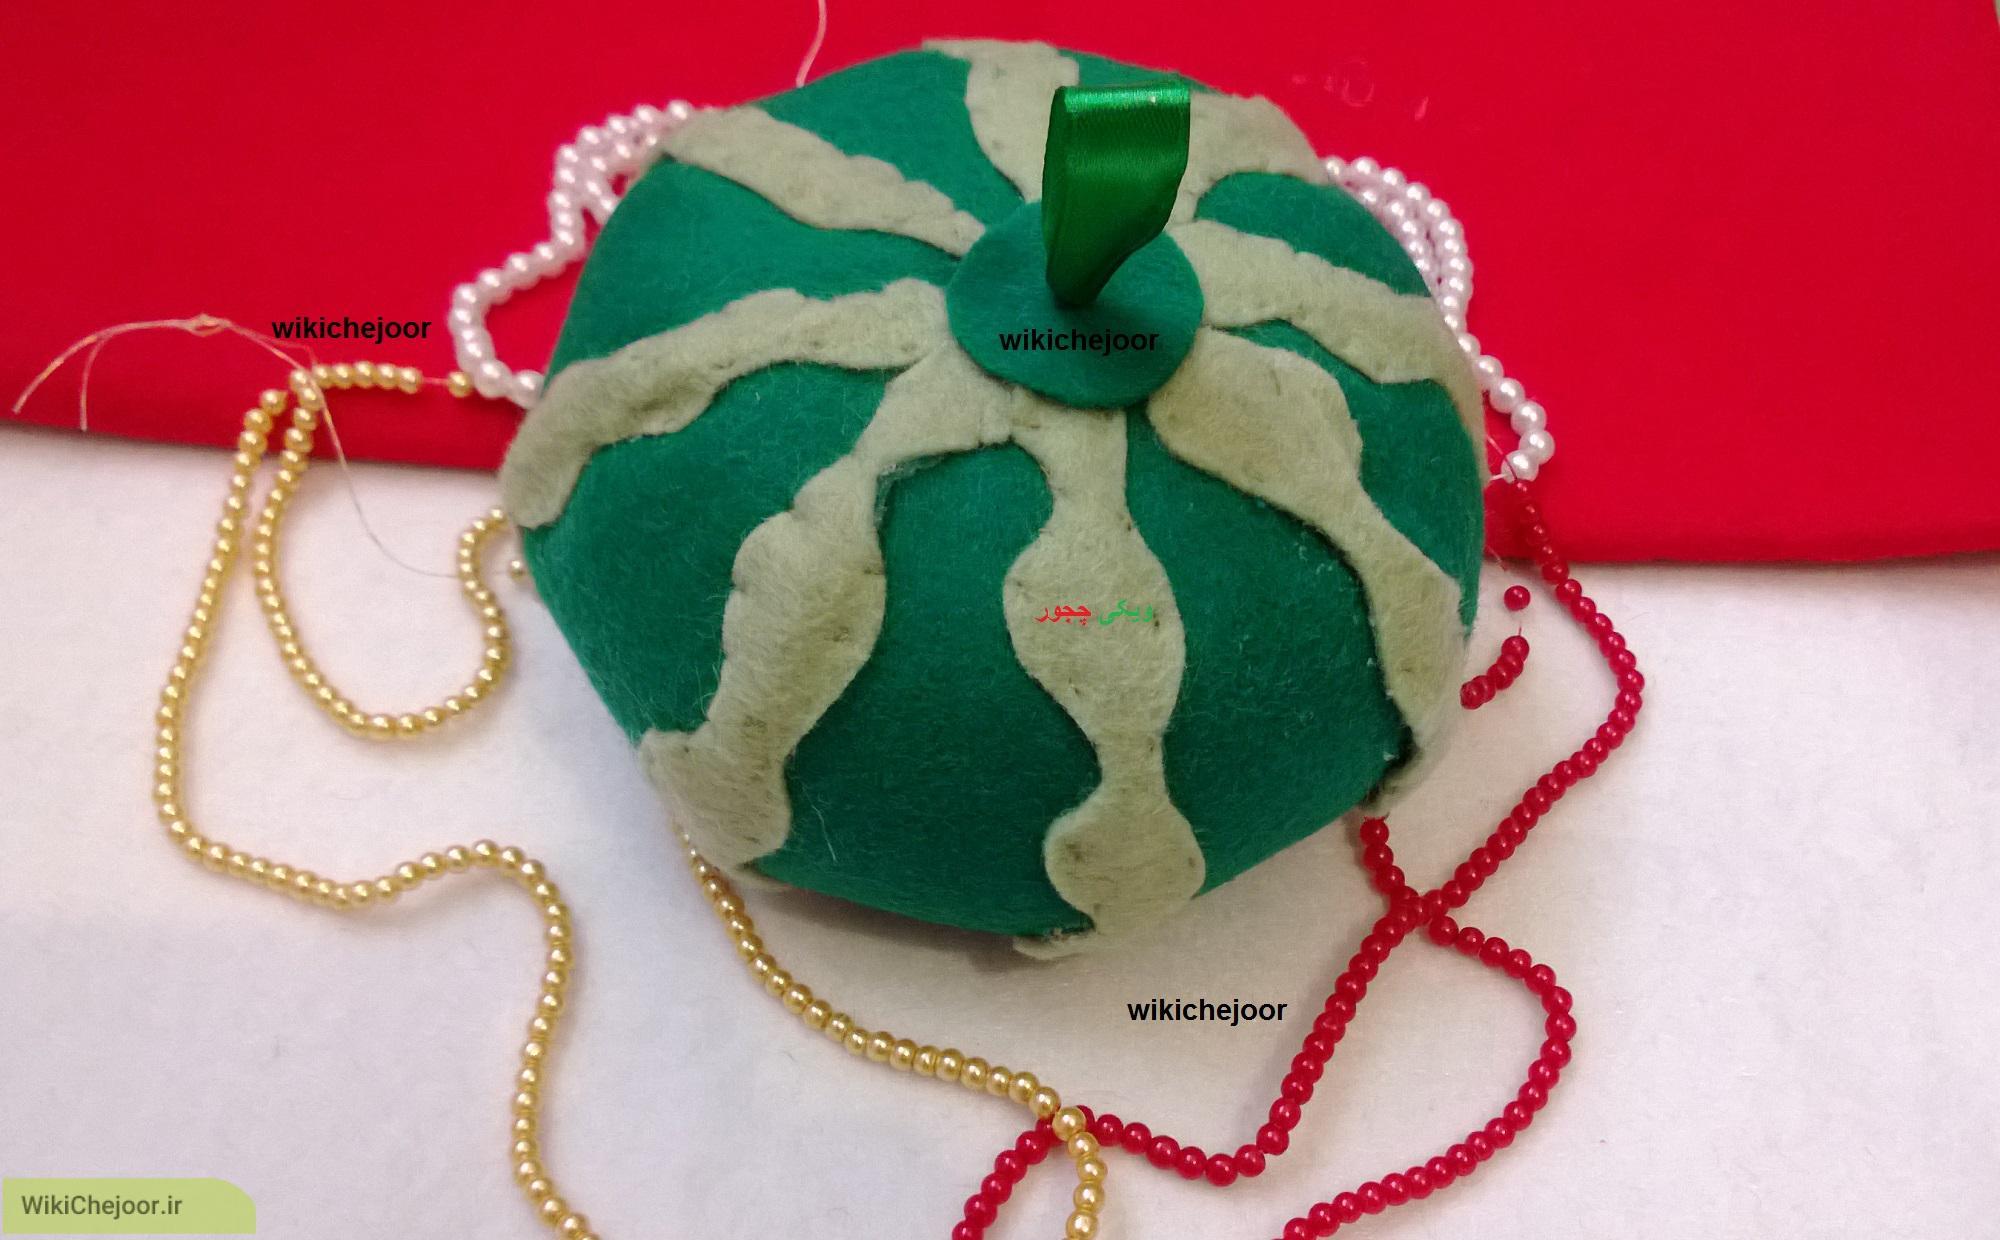 چگونه هندوانه نمدی زیبا و تزیینی برای شب یلدا درست کنیم؟